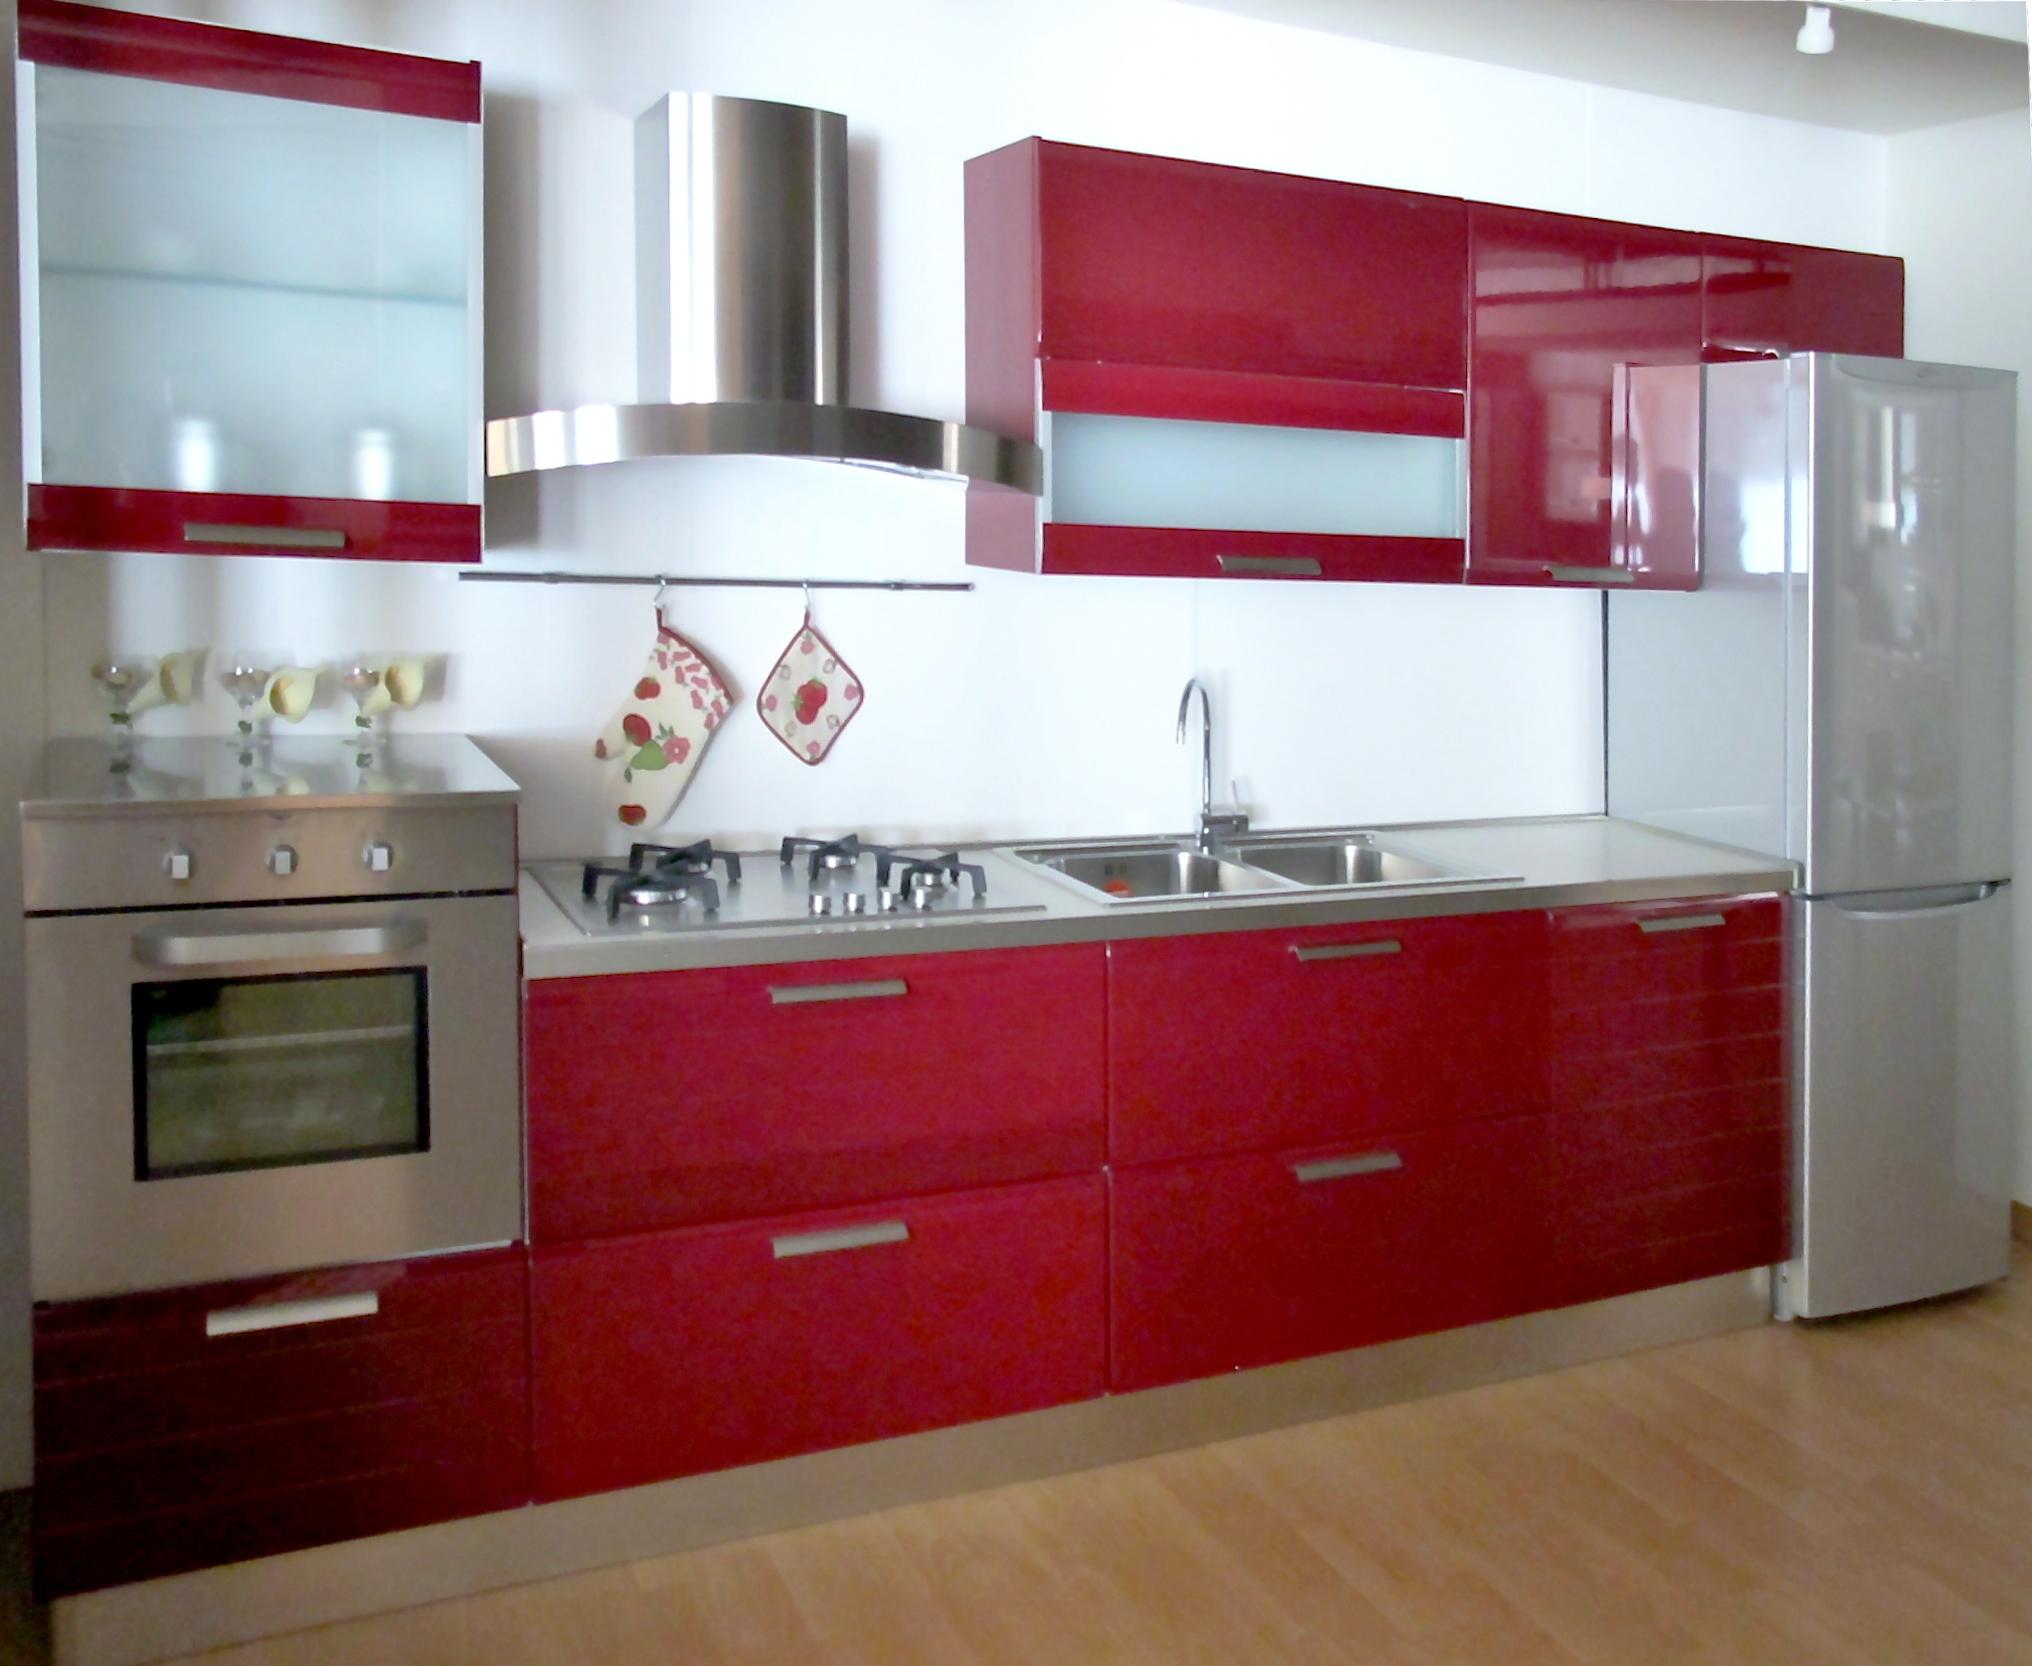 Cucina zecchinon scontata cucine a prezzi scontati - Cucine zecchinon ...